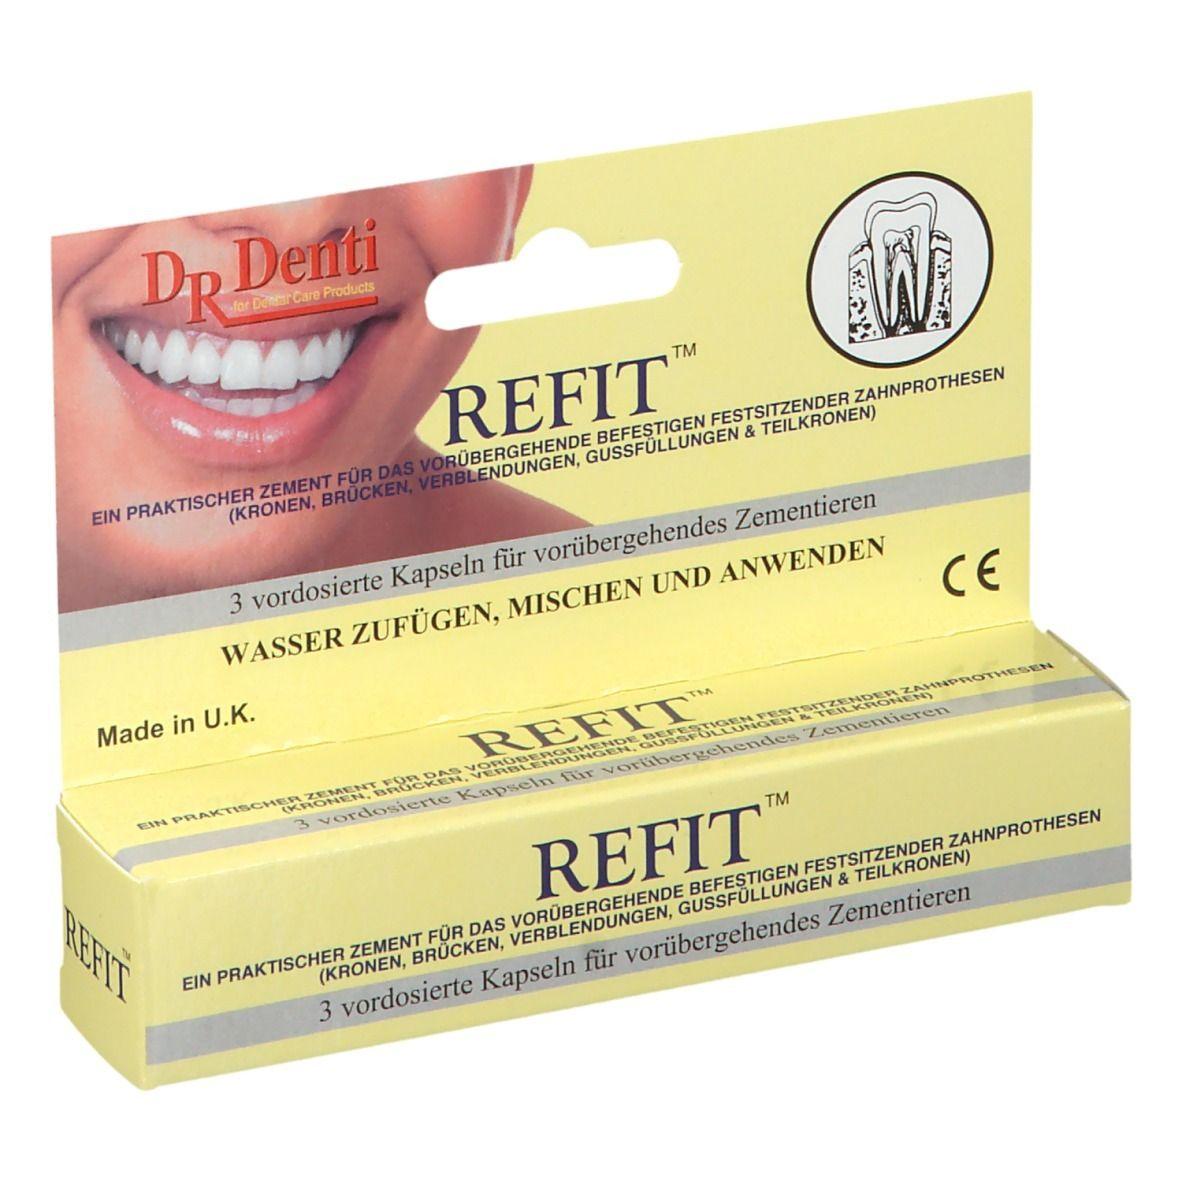 Dr. Denti Refit Zahnzement für Kronen und Brücken